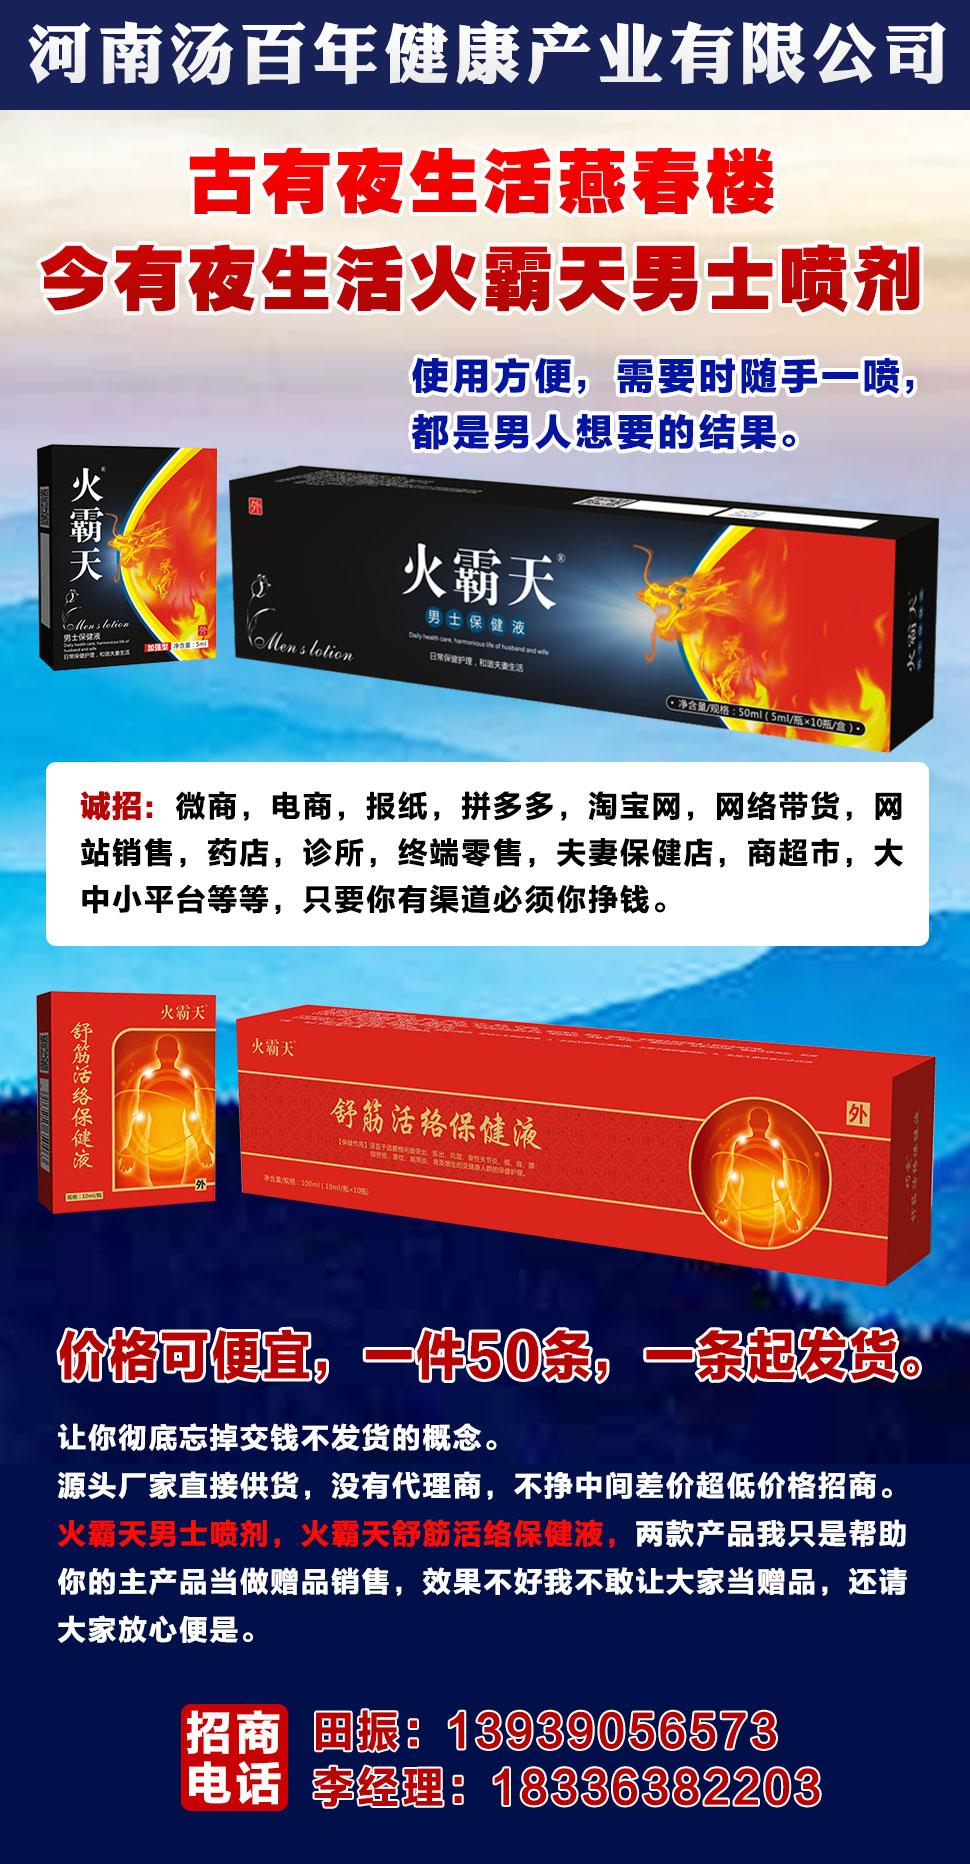 河南汤百年健康产业有限公司